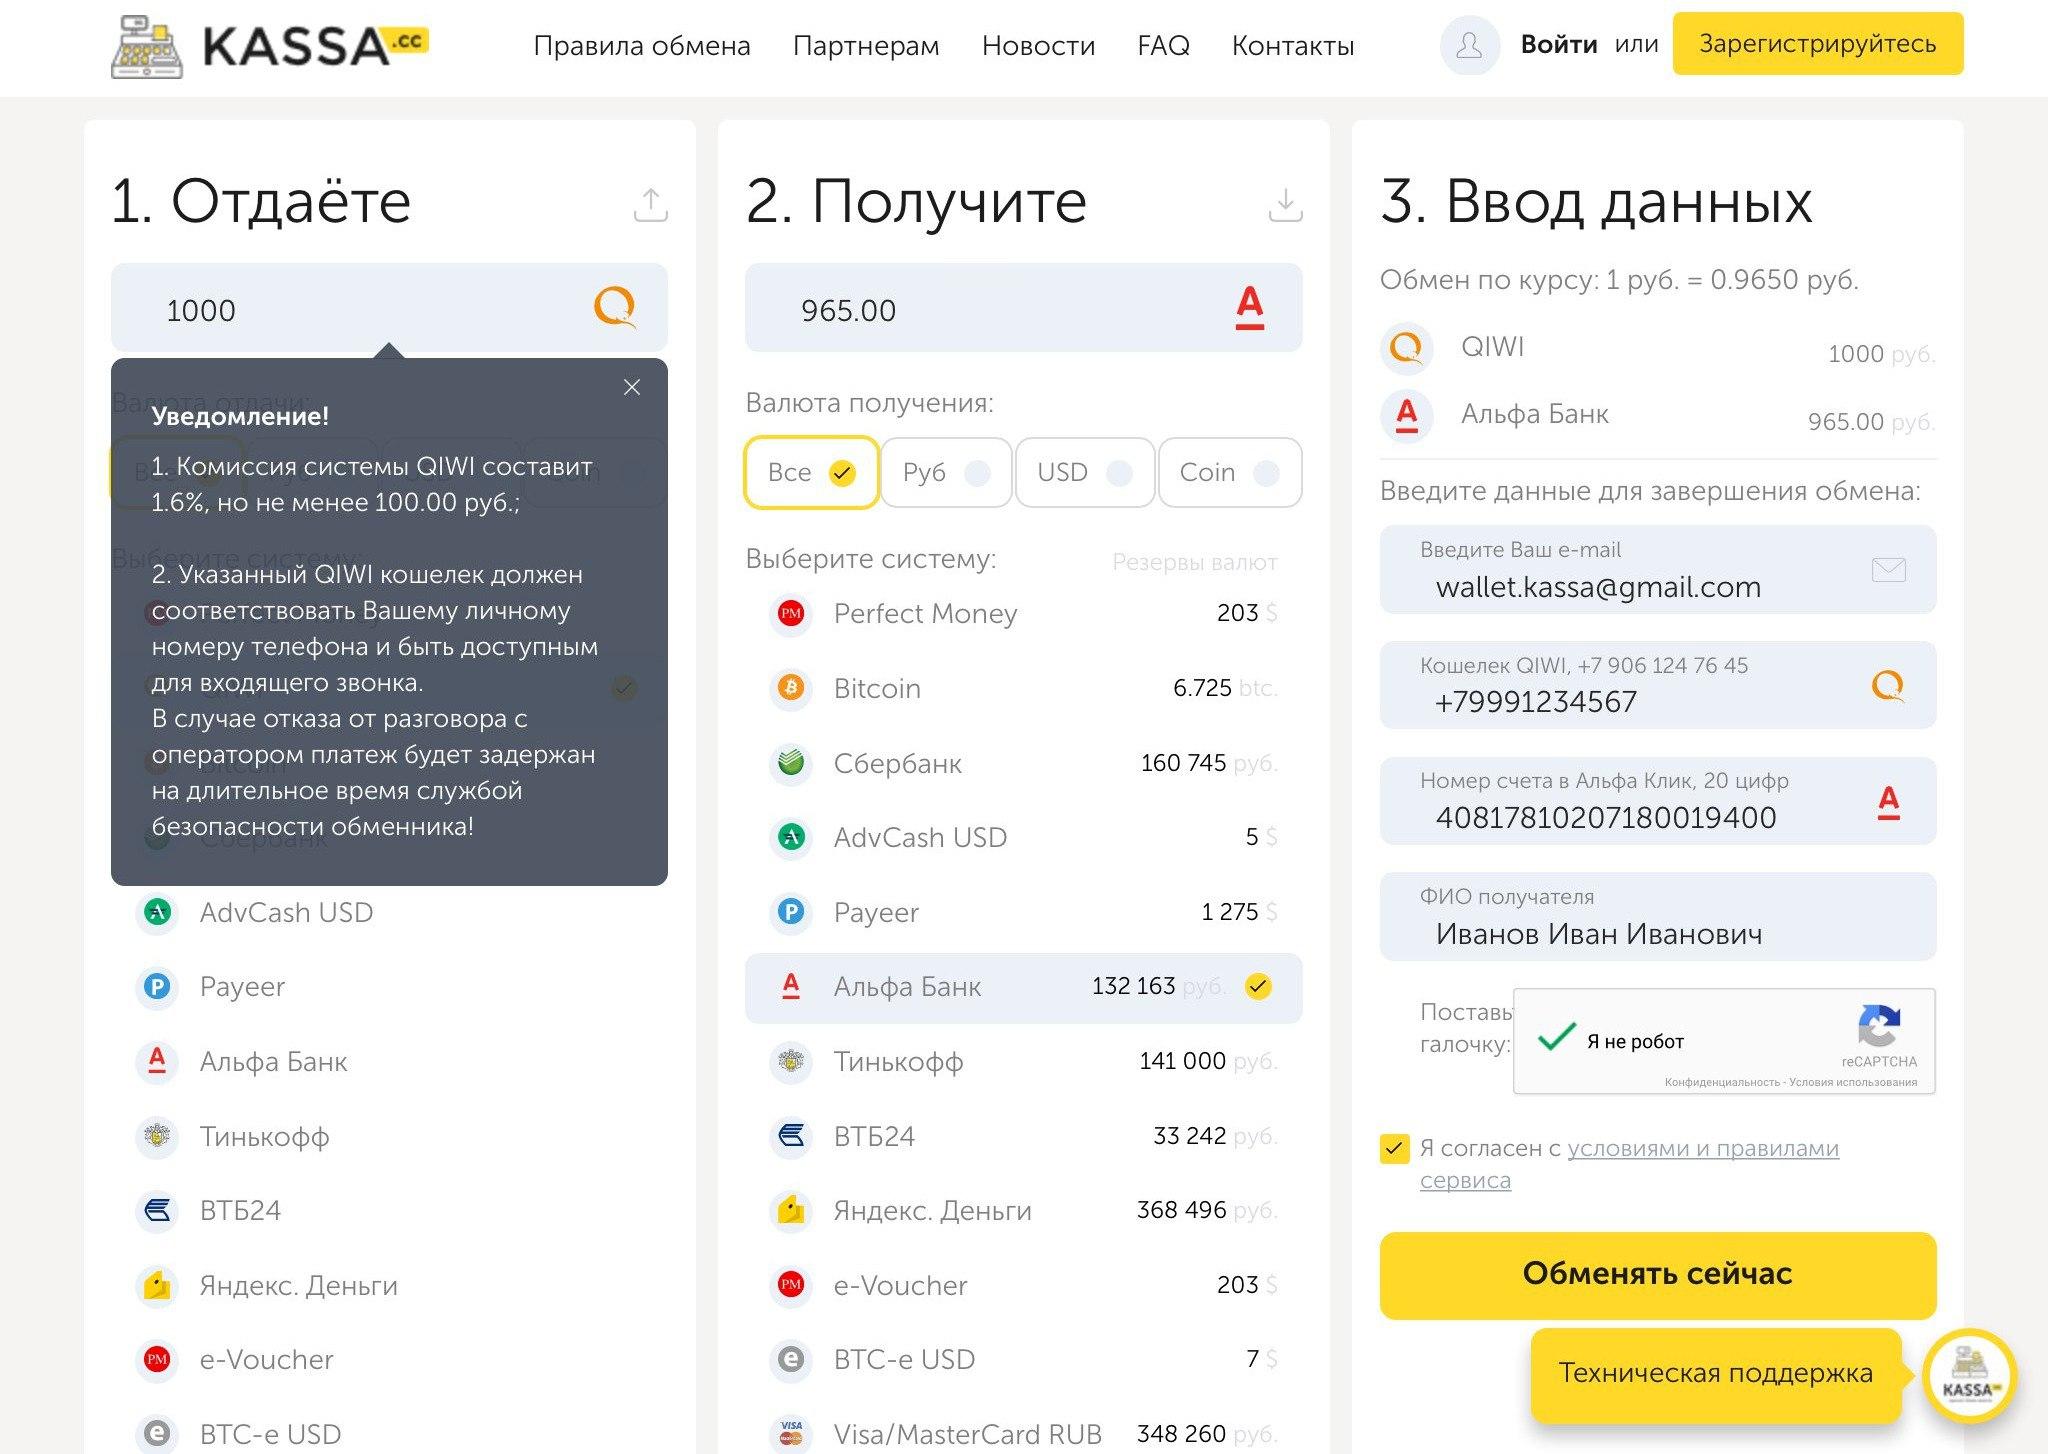 Kassa.cc - единый обмен валюты. Вывод QIWI RUB на карту Альфа-Банк